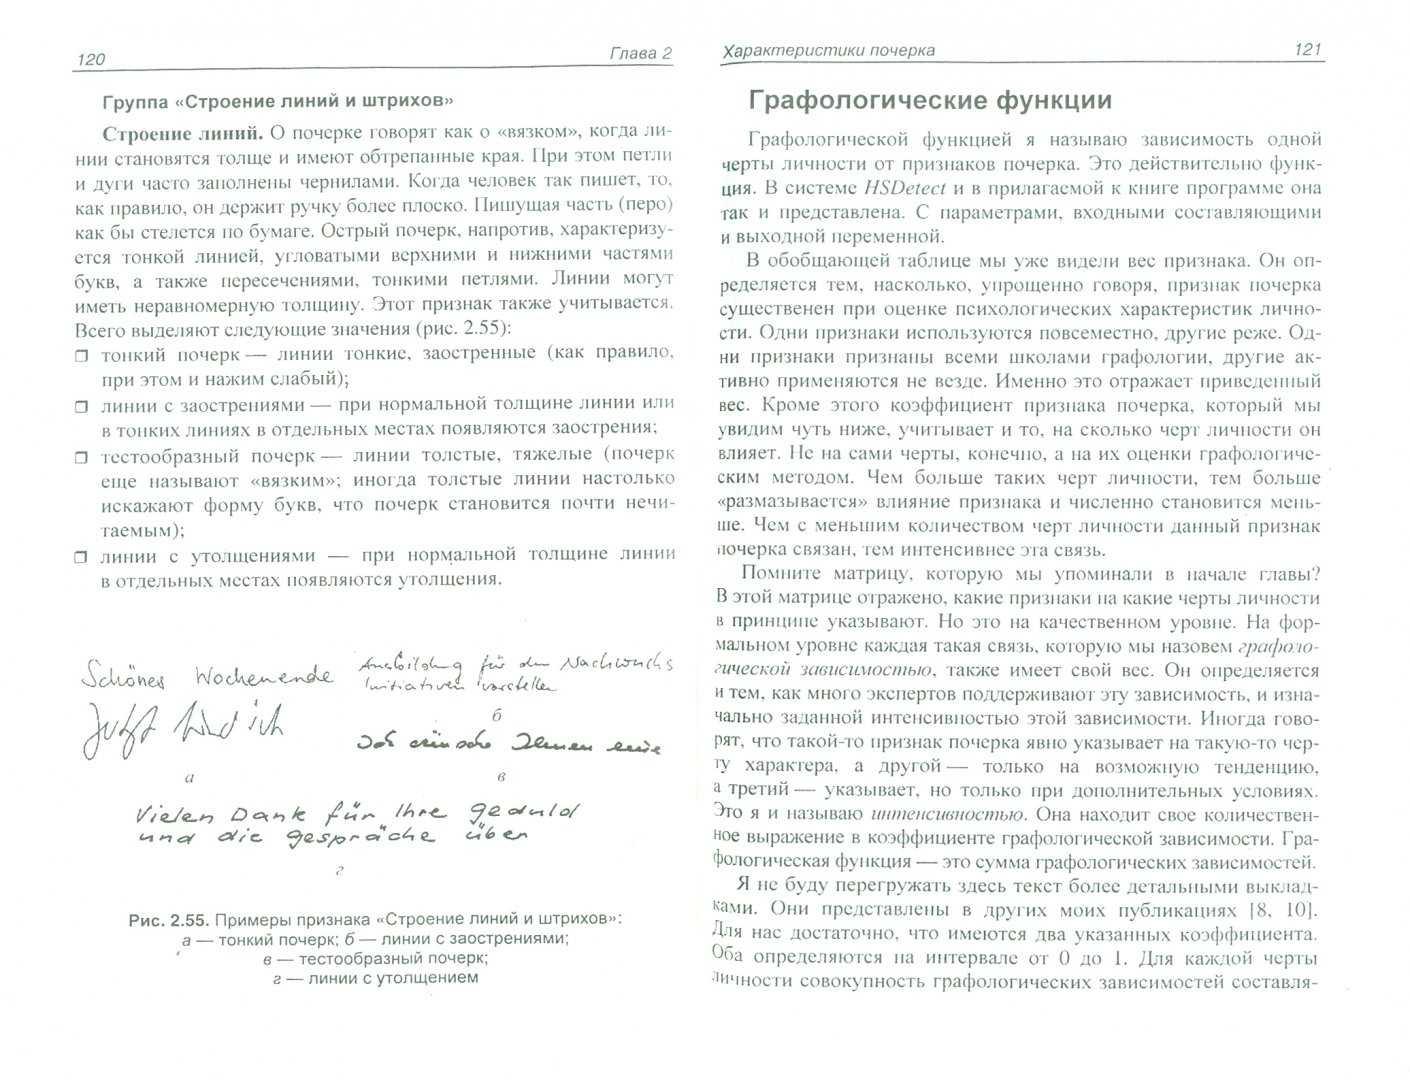 Почерк и характер. графологический анализ как инструмент психодиагностики